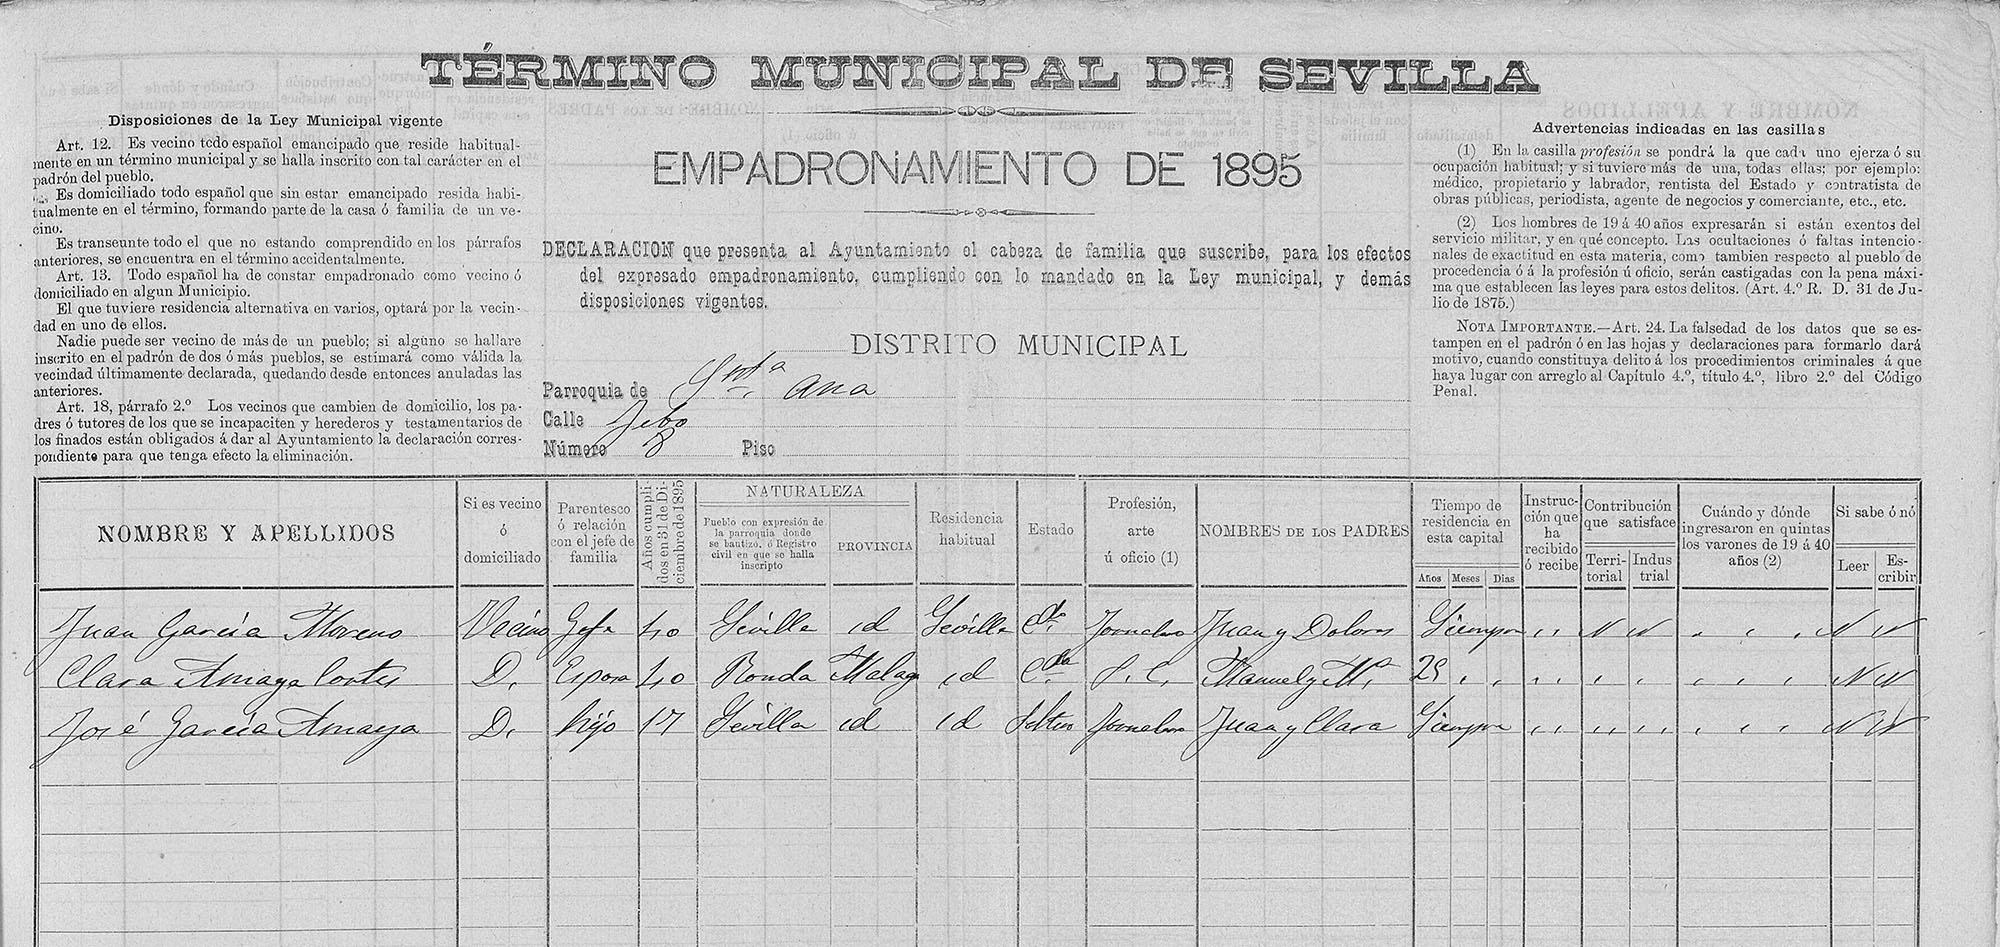 Certificado de empadronamiento de Juan el Pelao en Sevilla, 1895. Archivo Manuel Bohórquez.